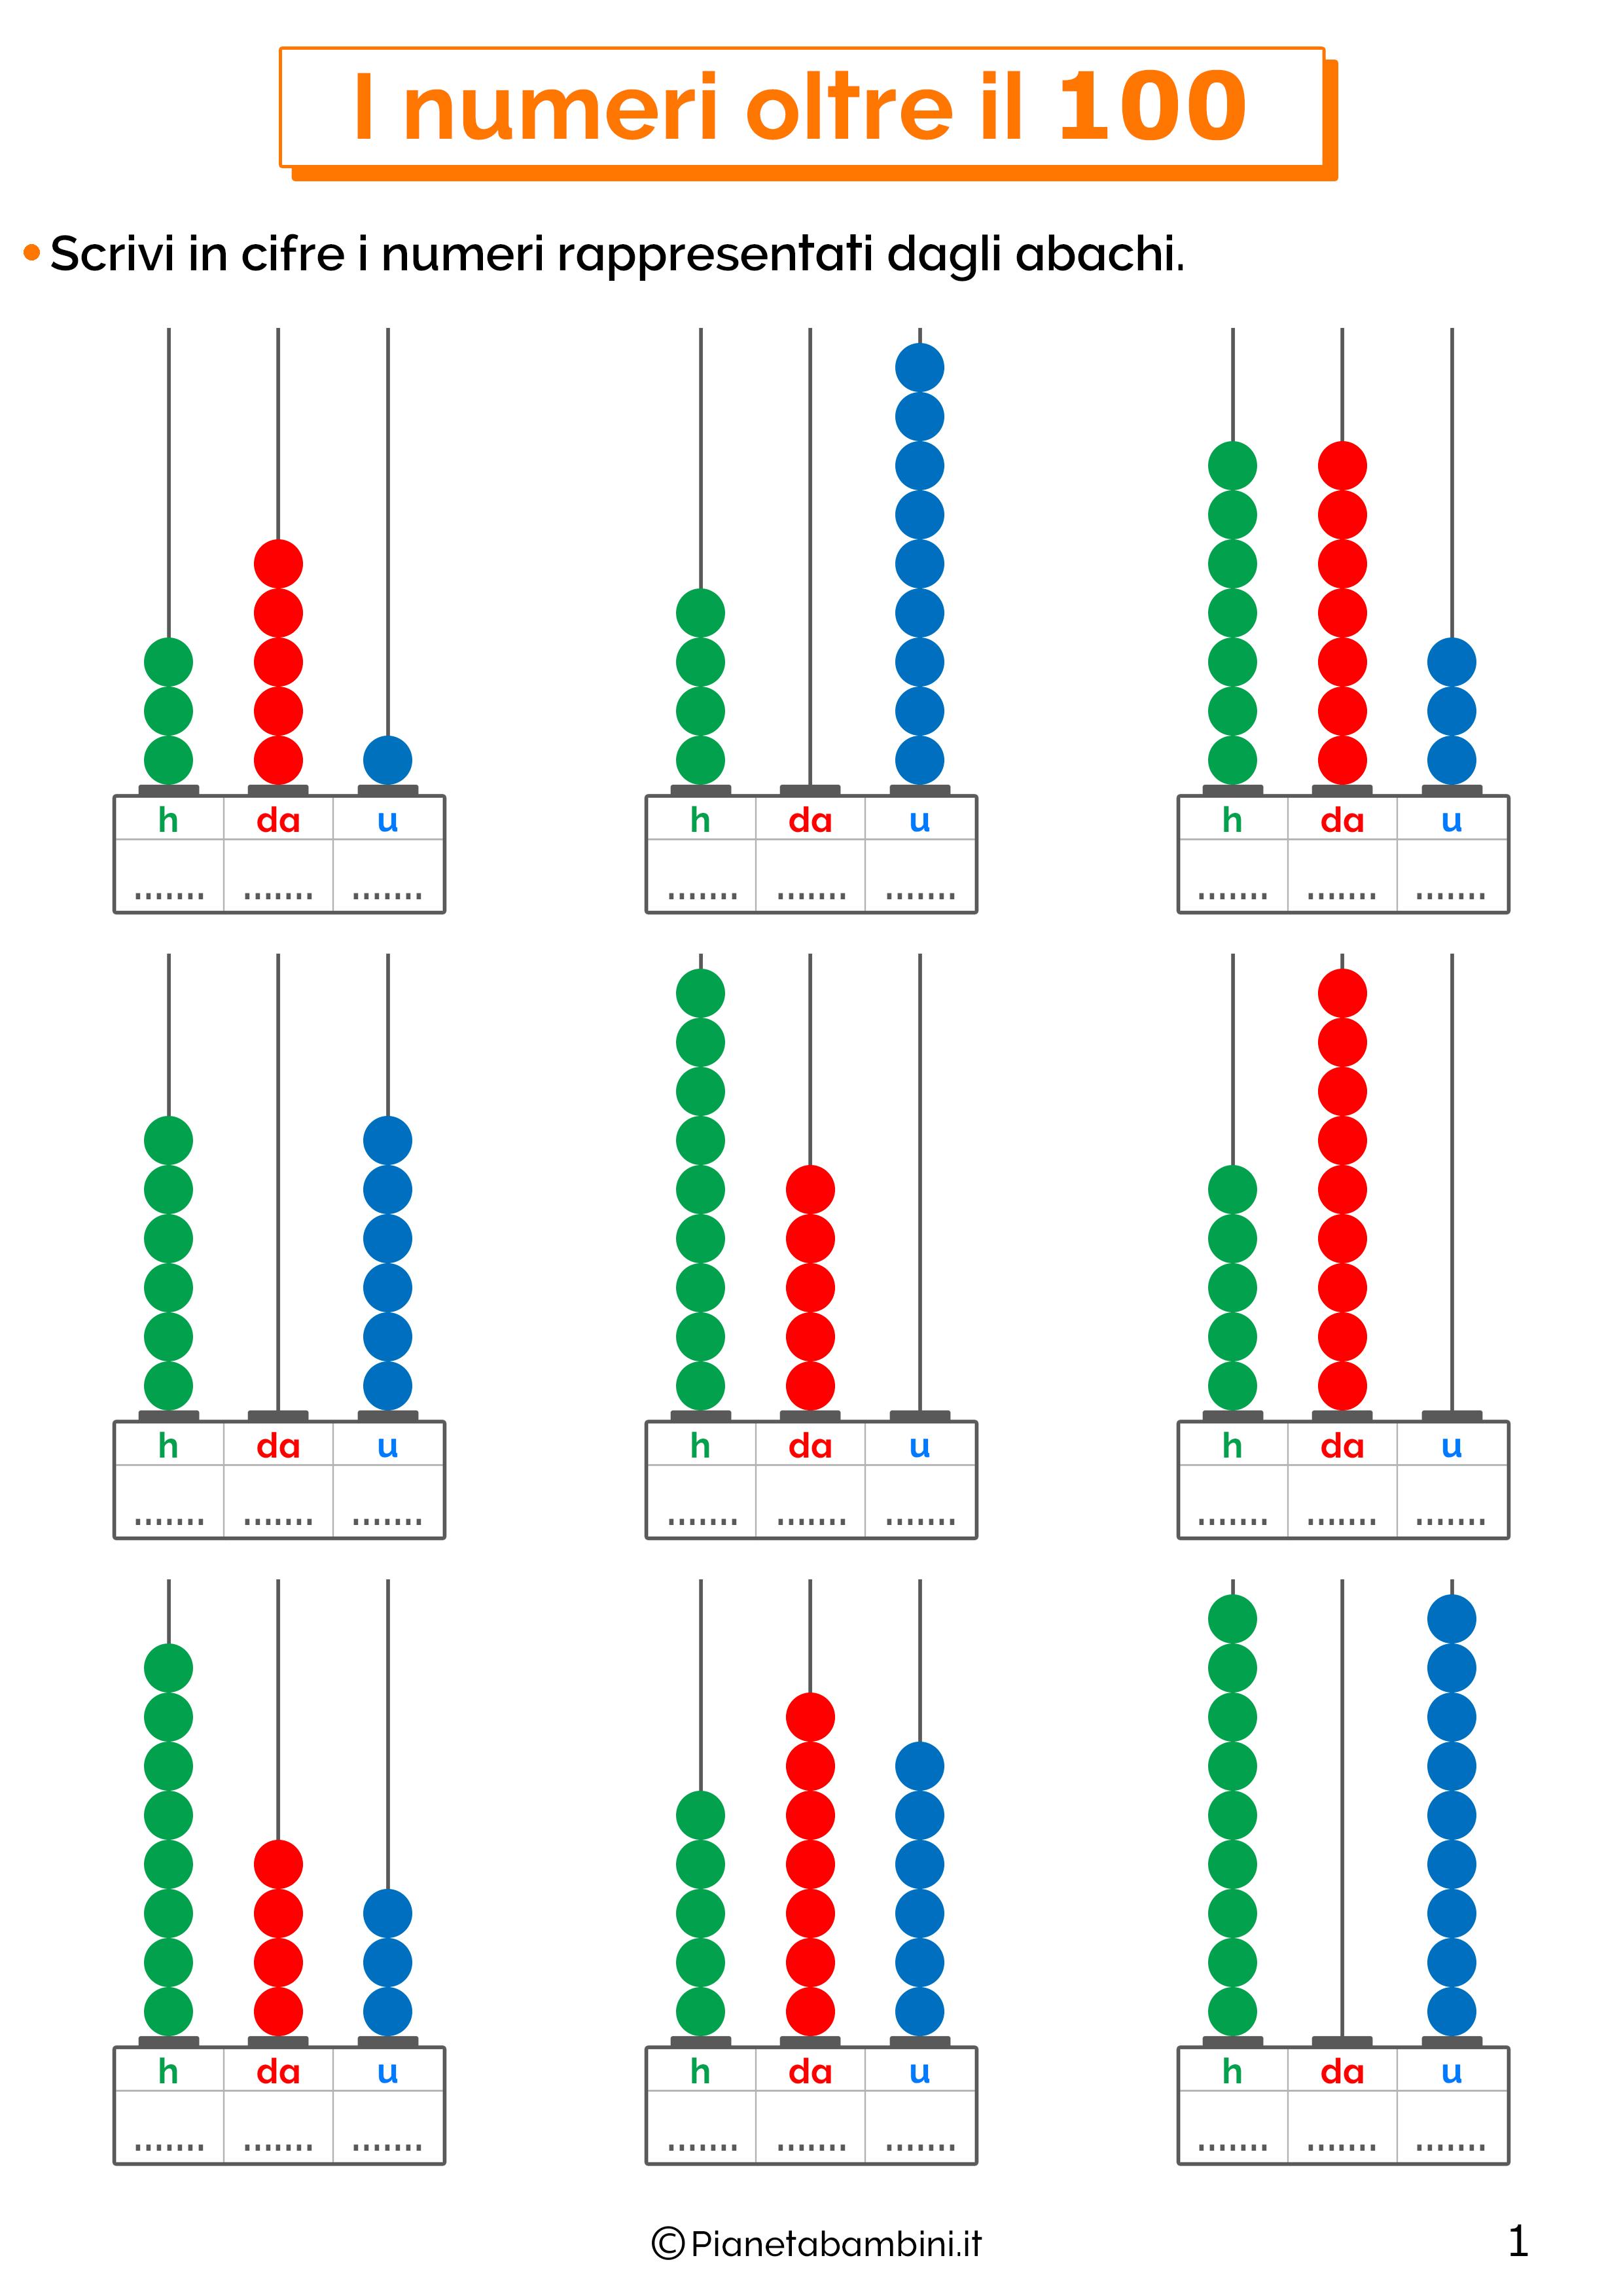 Esercizi sui numeri oltre il 100 per la classe terza 01